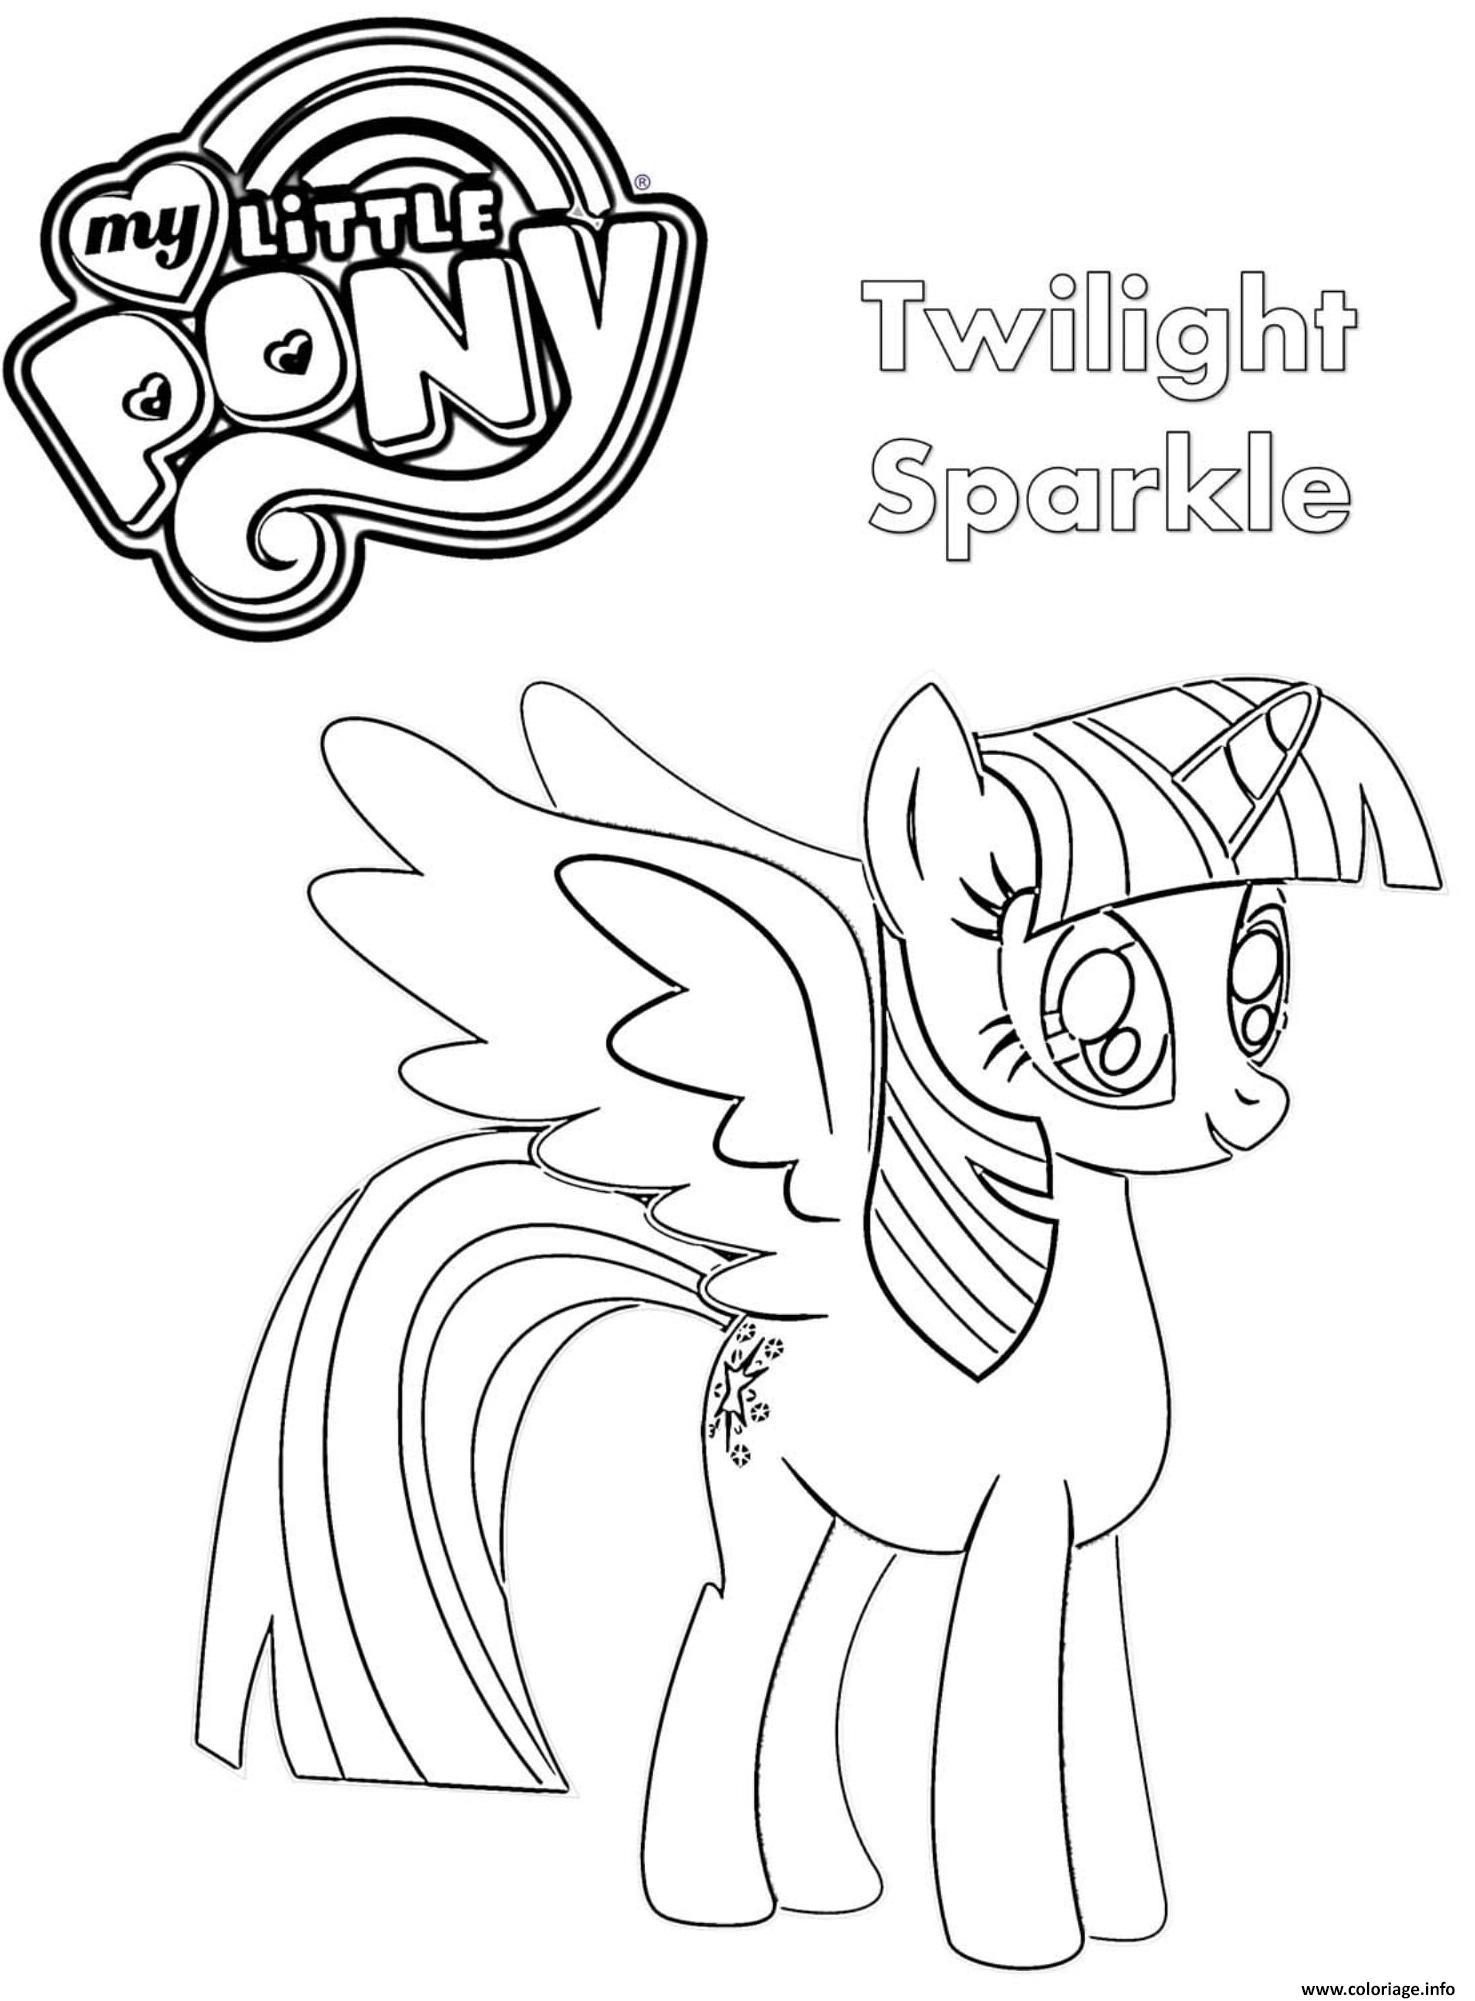 Coloriage Princesse Twilight Sparkle.Coloriage Twilight Sparkle My Little Pony Dessin